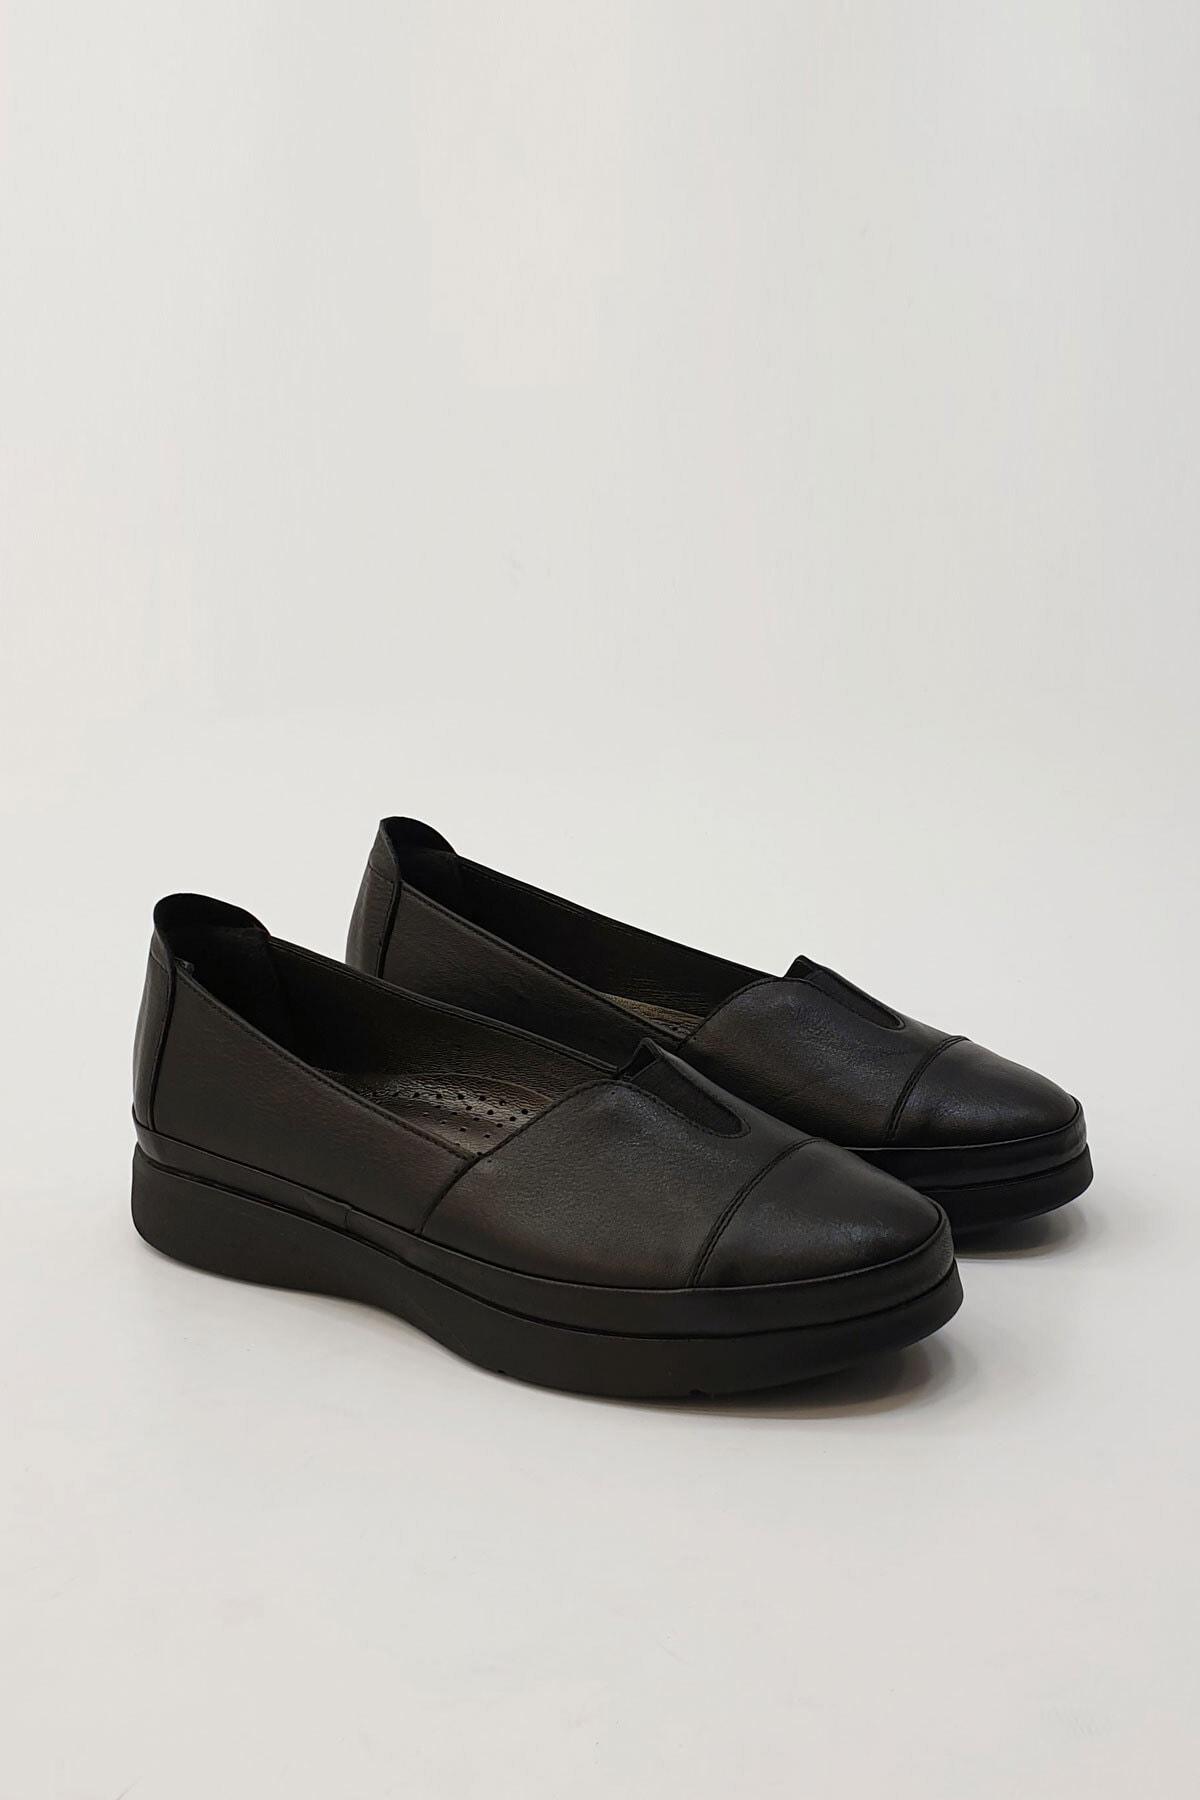 Marjin Kadın Siyah Hakiki Deri Comfort Ayakkabı Meyza 4